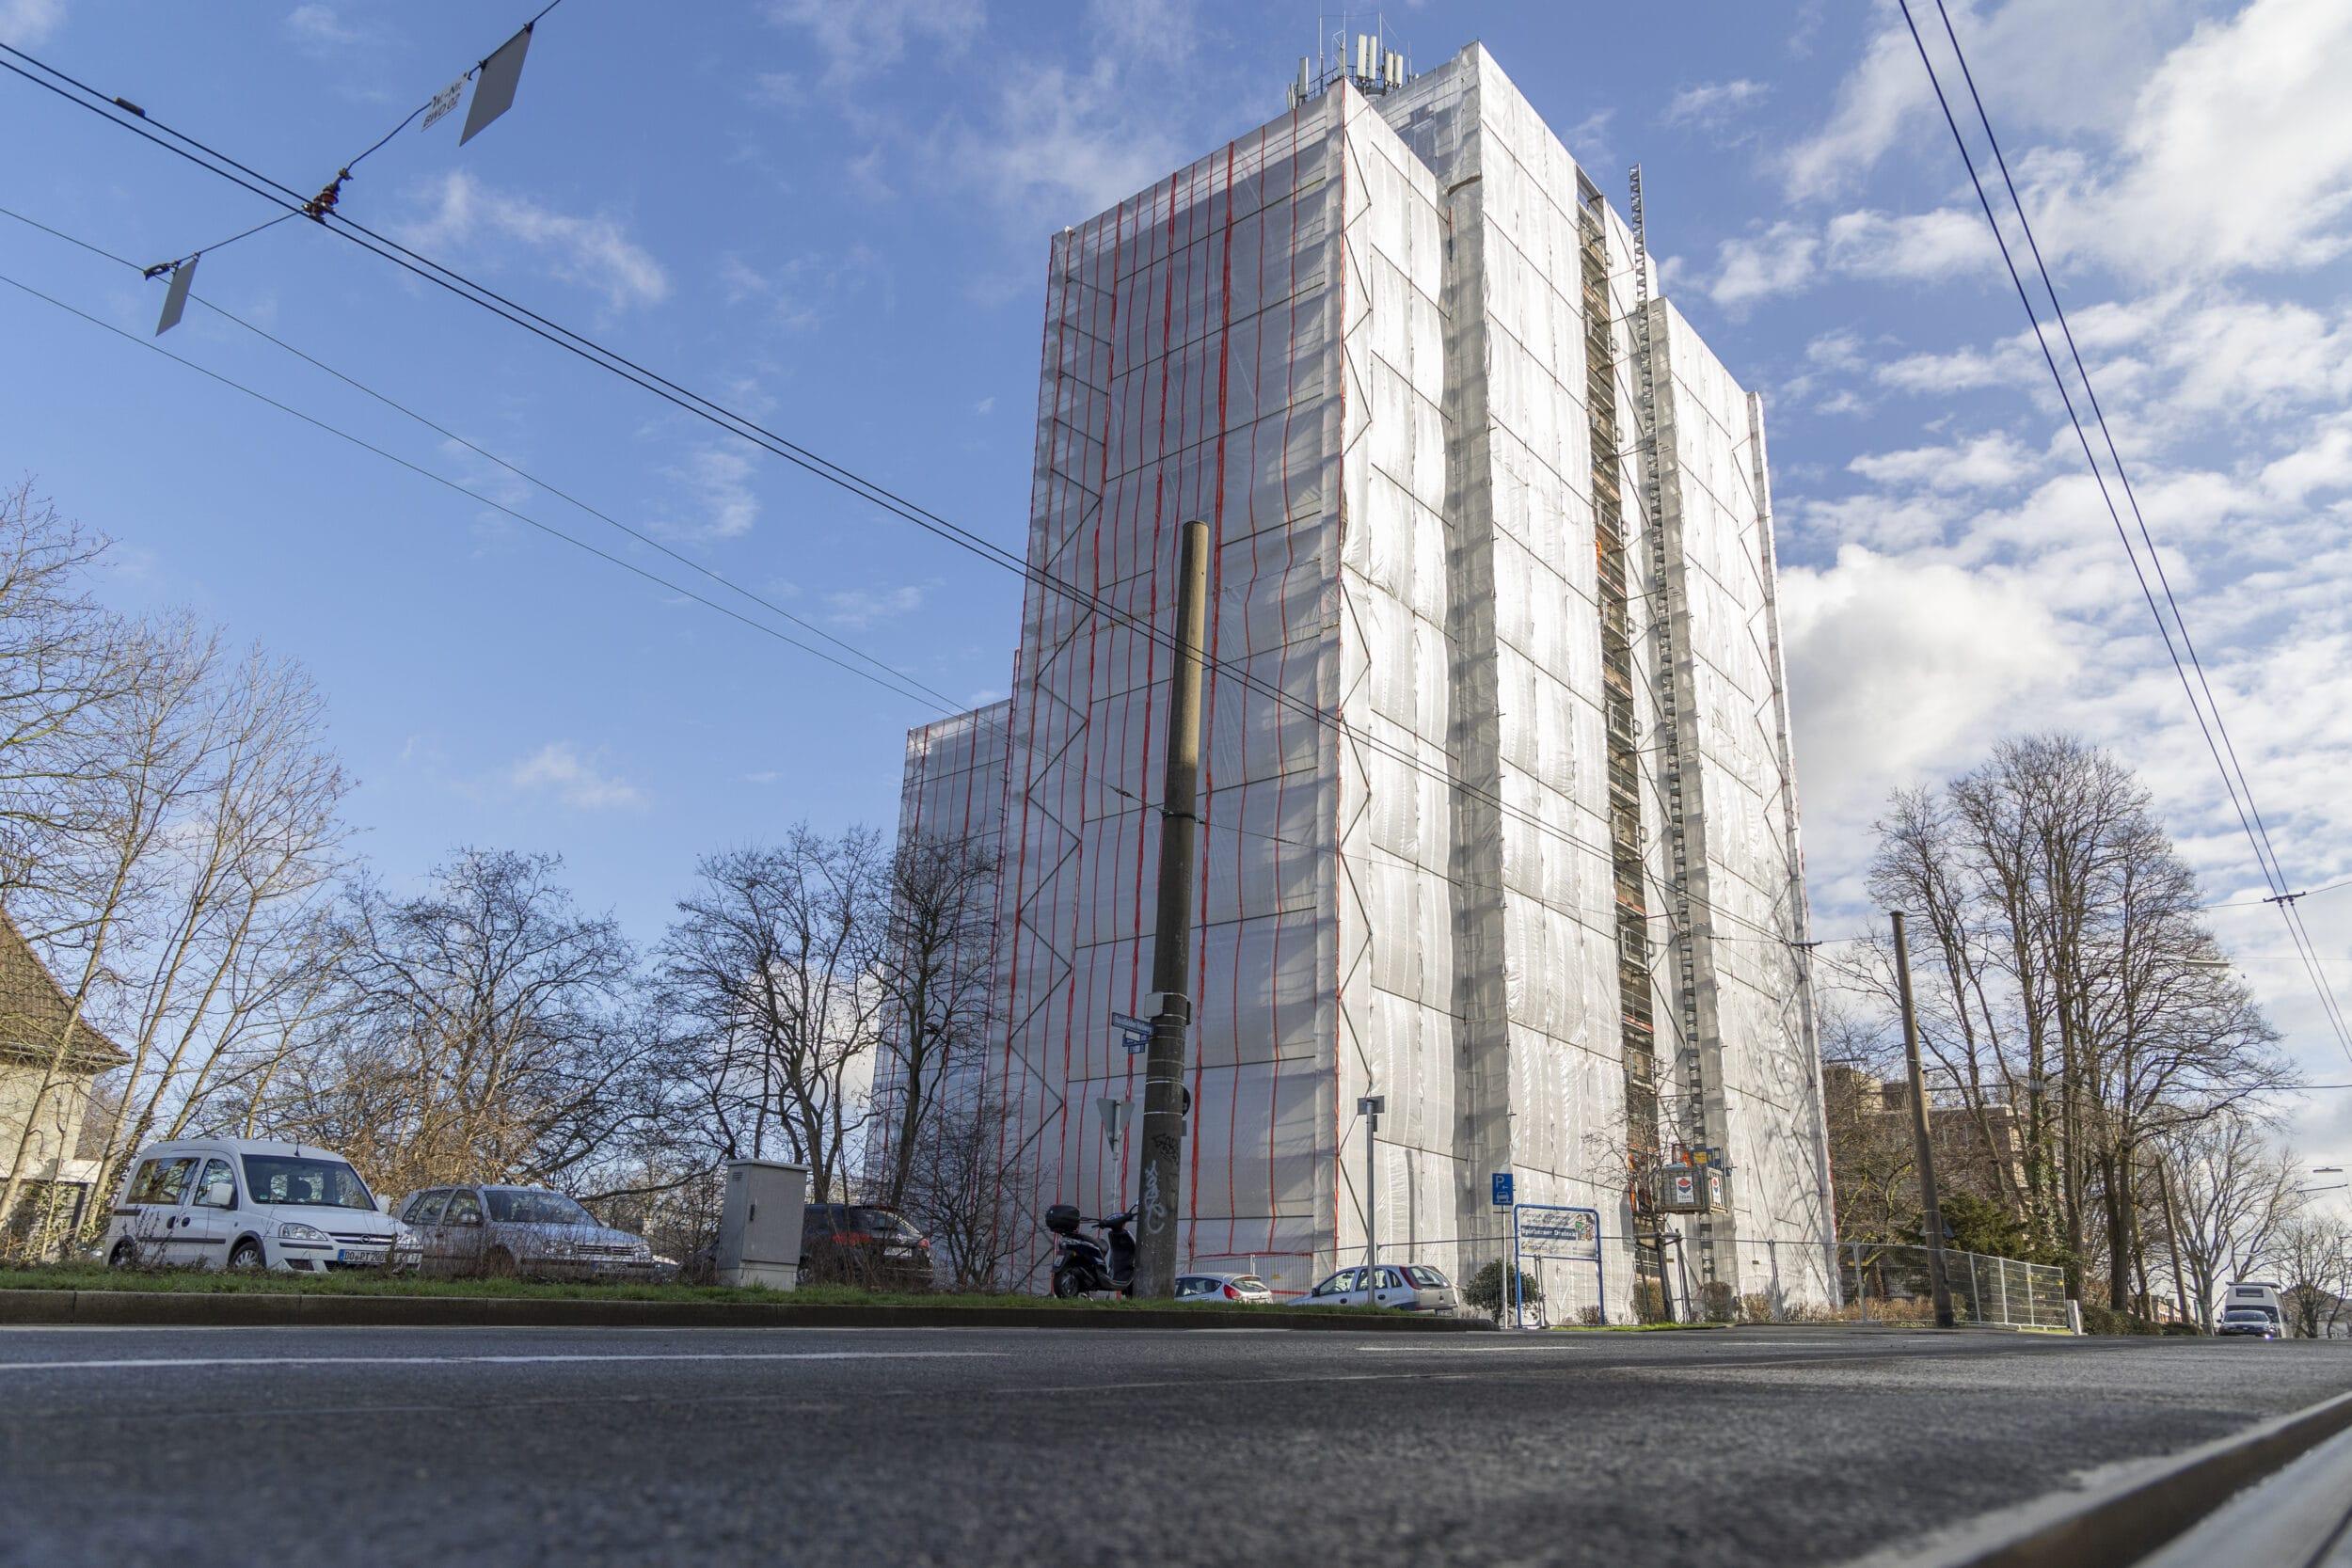 Das Spicherner Dreieck präsentiert sich derzeit verpackt. Fünfzehn in Plane eingeschlagene Stockwerke lassen den Wohnkomplex wie ein Kunstobjekt wirken. (Foto: Wir in Dortmund)